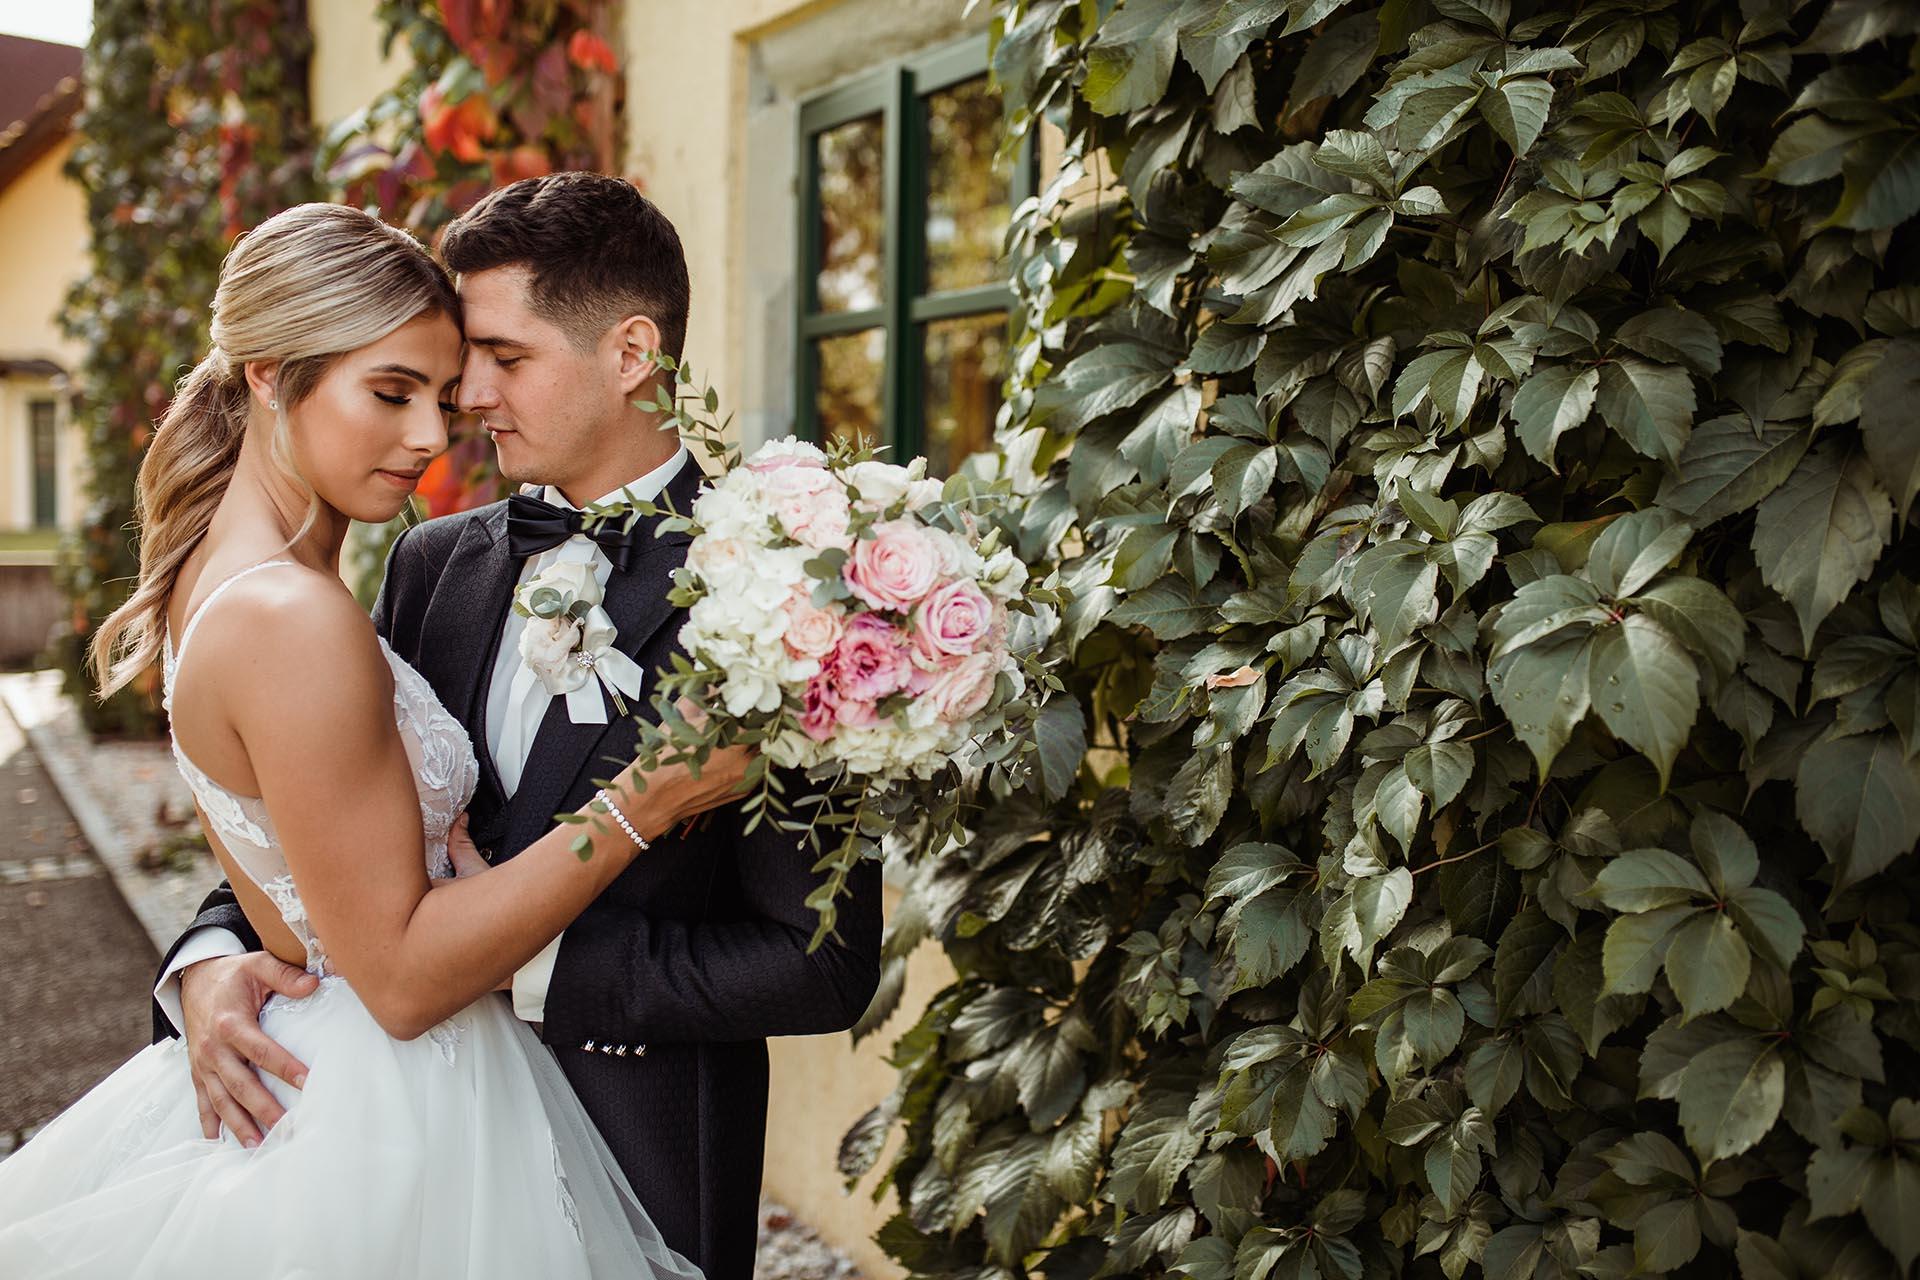 Wedding Lovely Moment